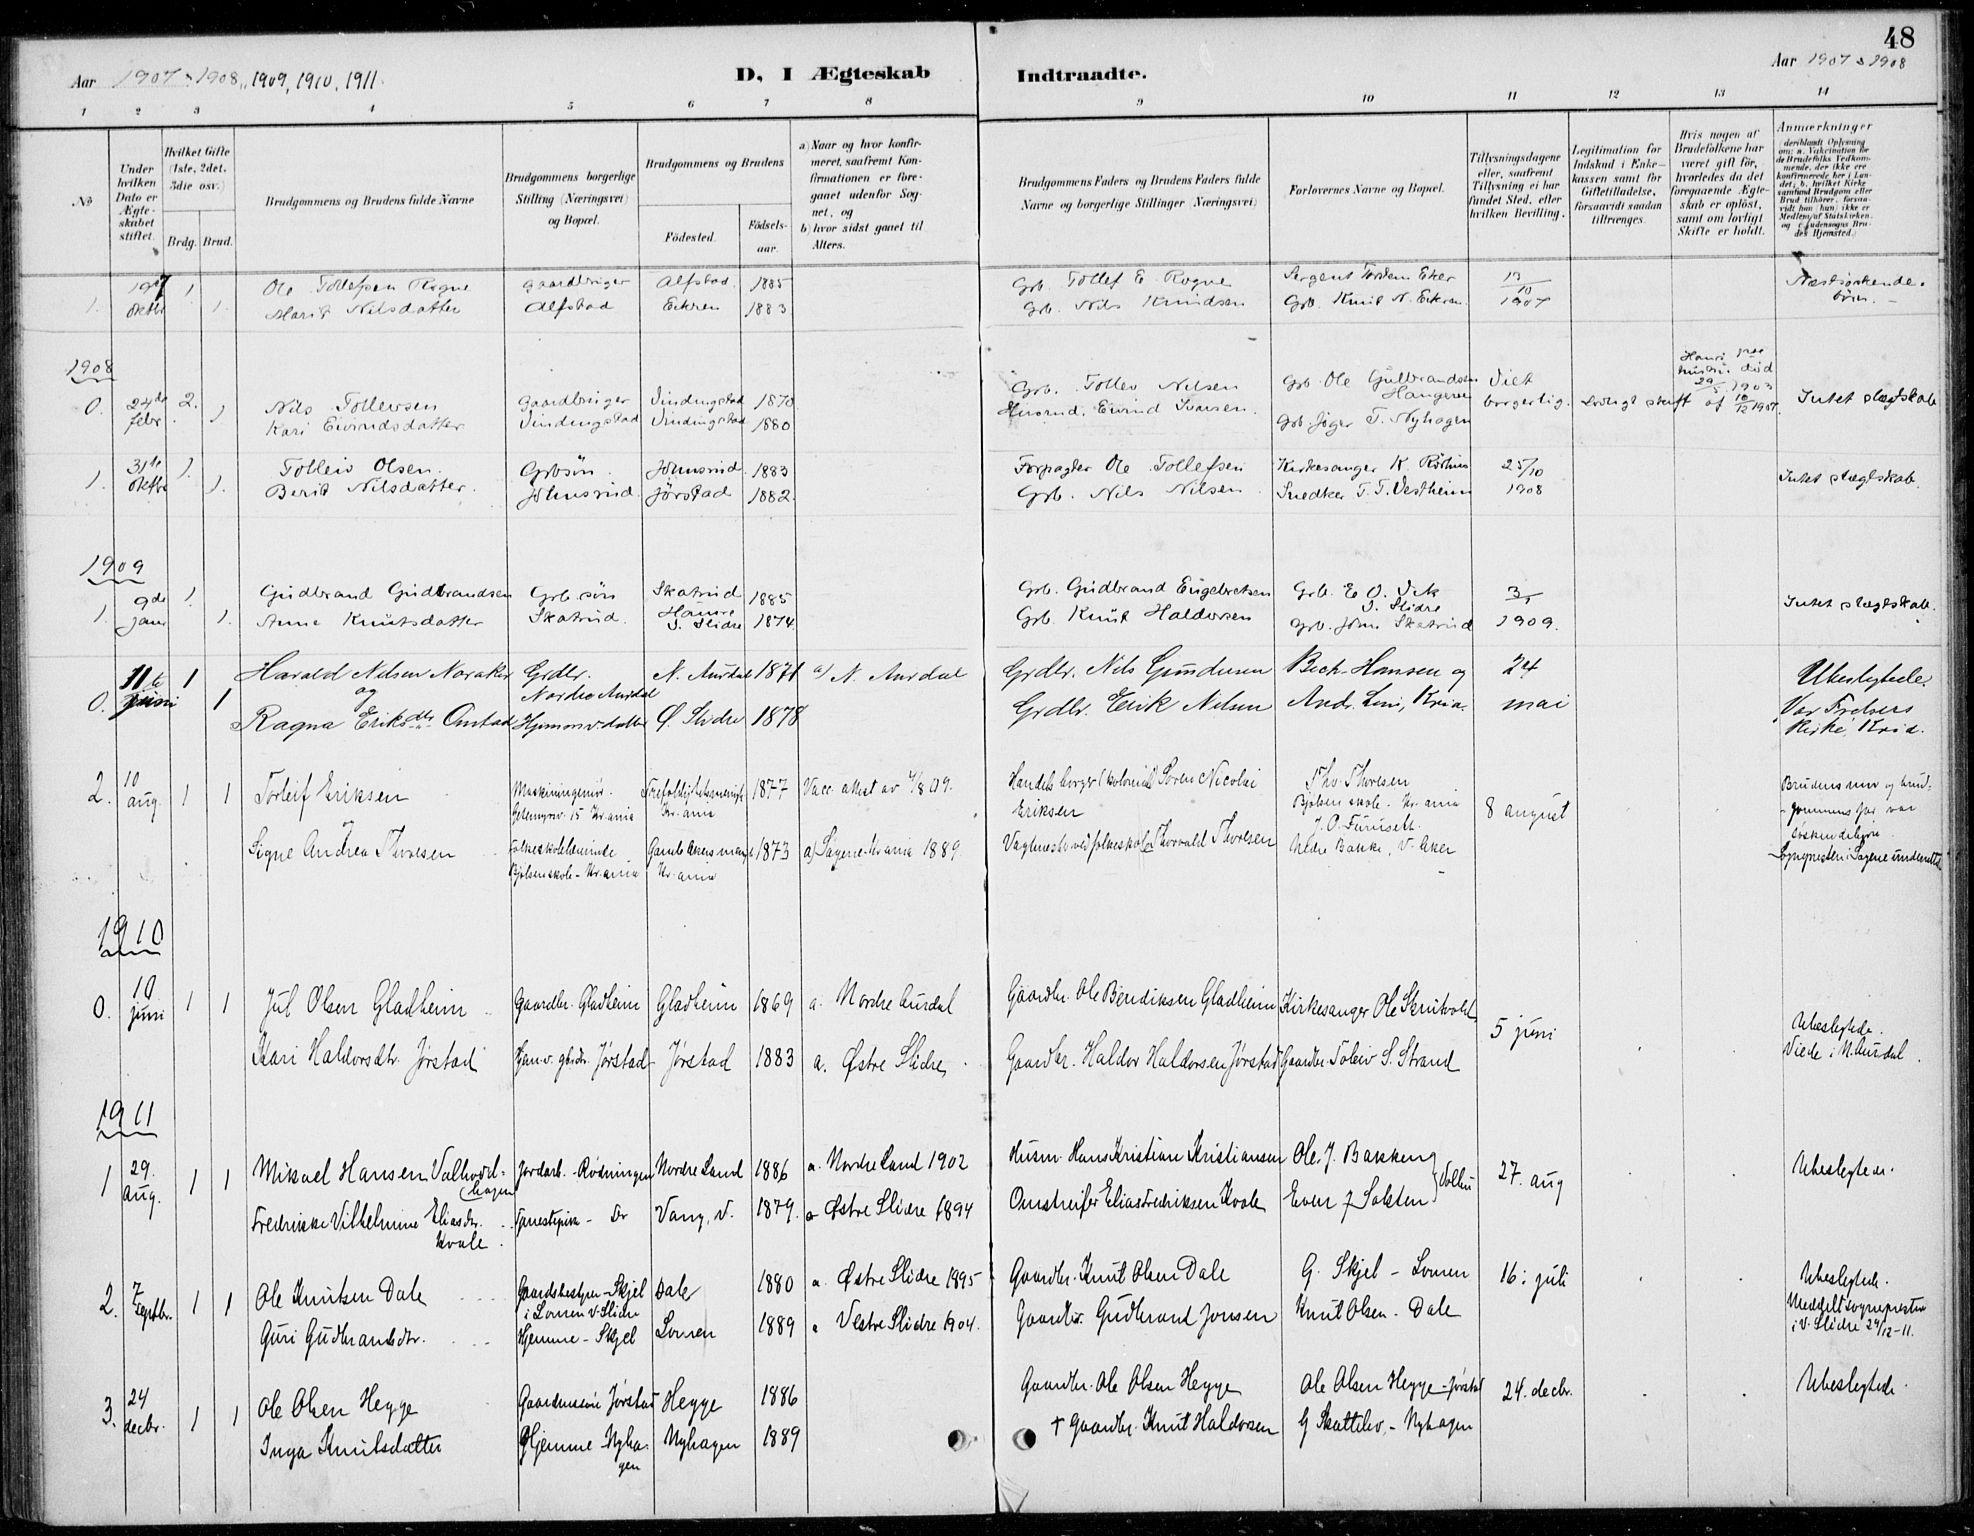 SAH, Øystre Slidre prestekontor, Ministerialbok nr. 5, 1887-1916, s. 48